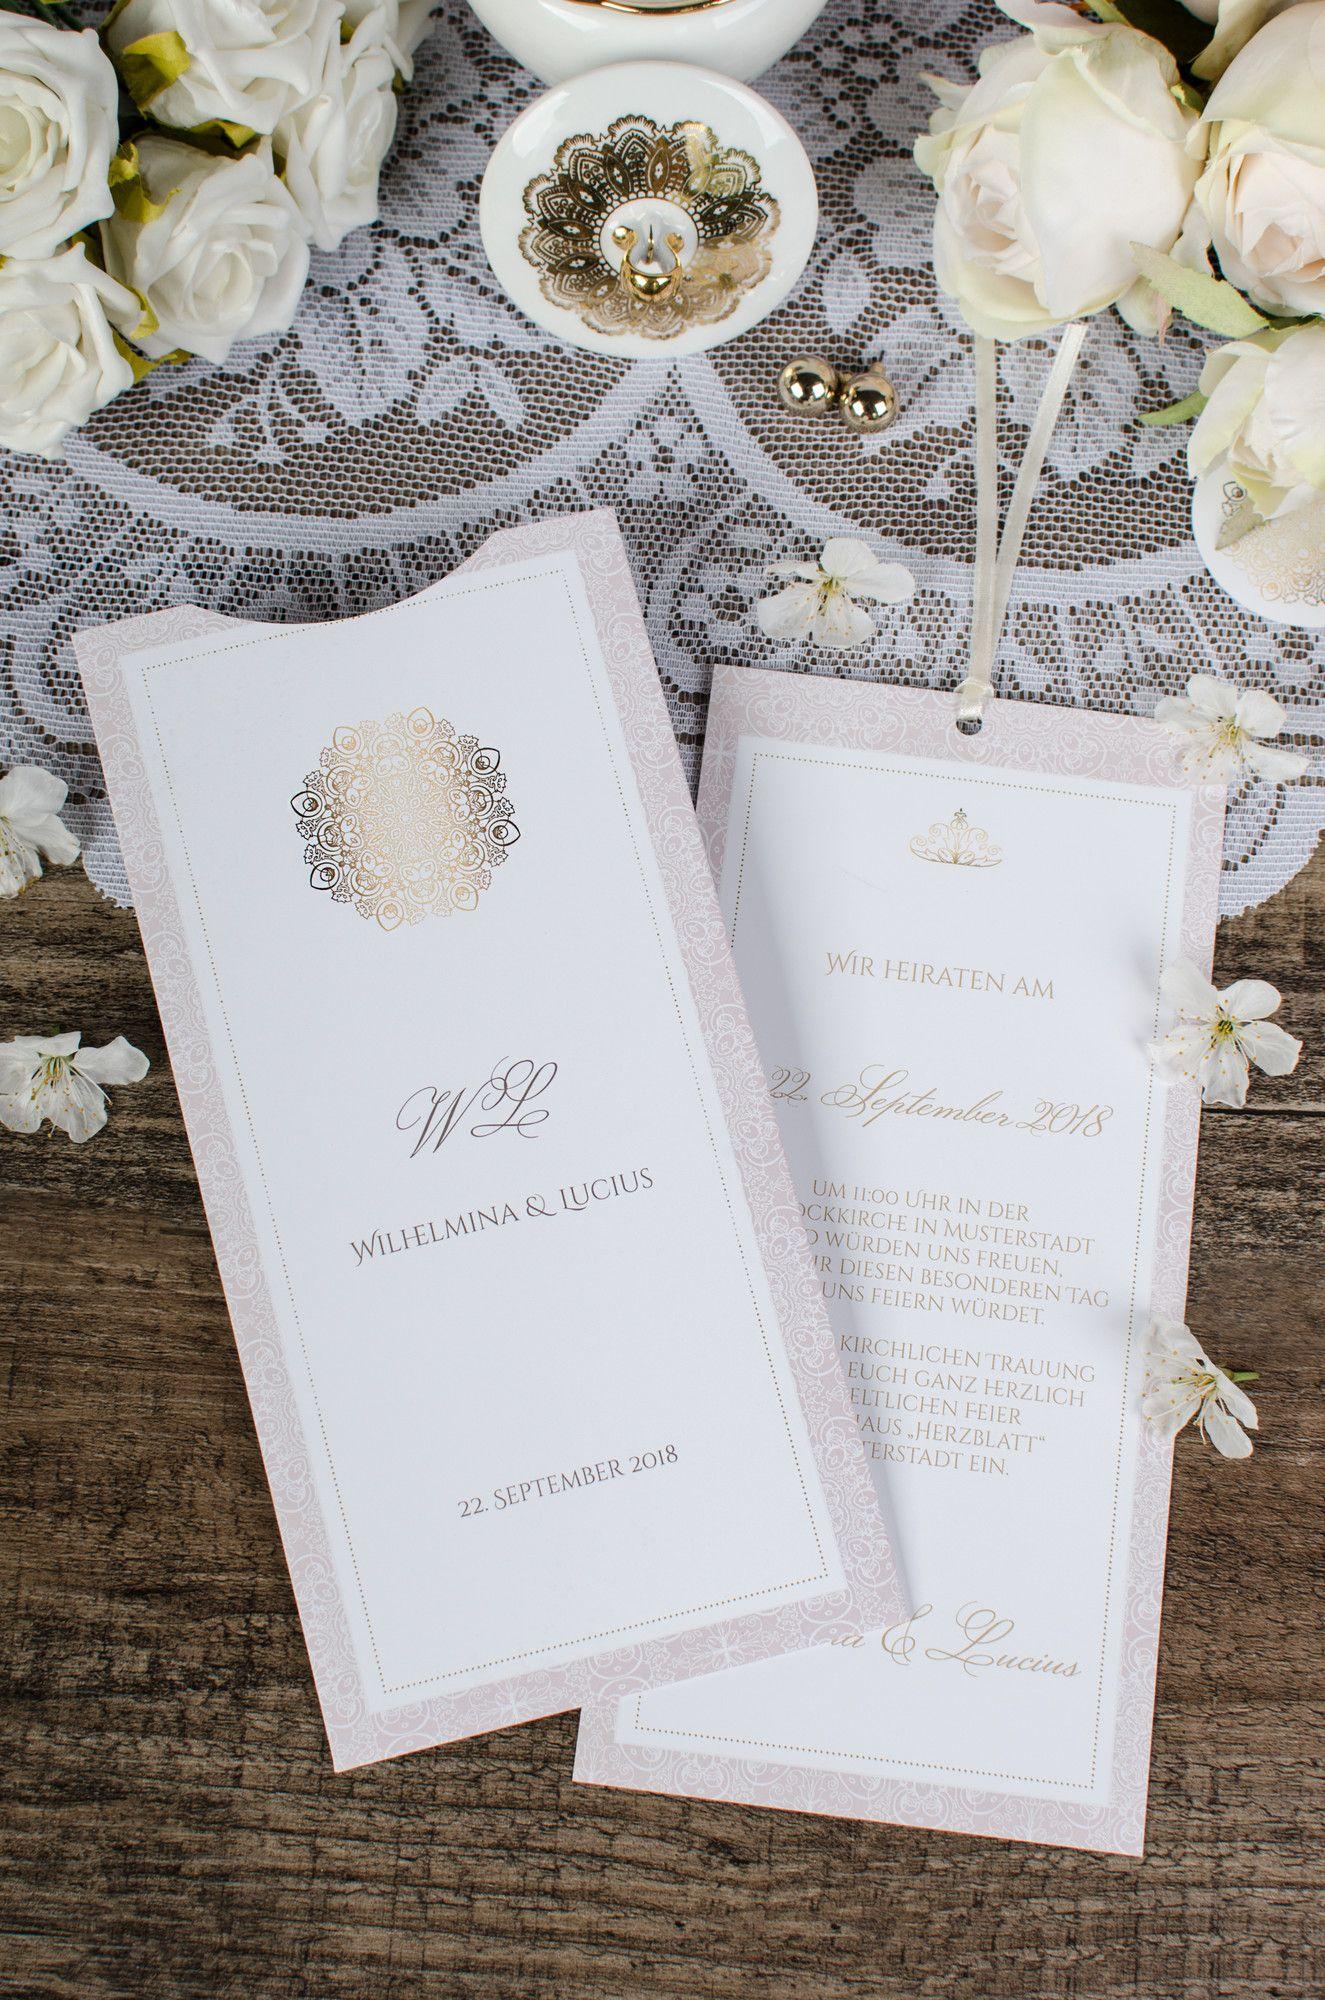 Klassisch elegante einladung zur hochzeit in rosa und gold als moderne einsteckkarte im design wilhelmina